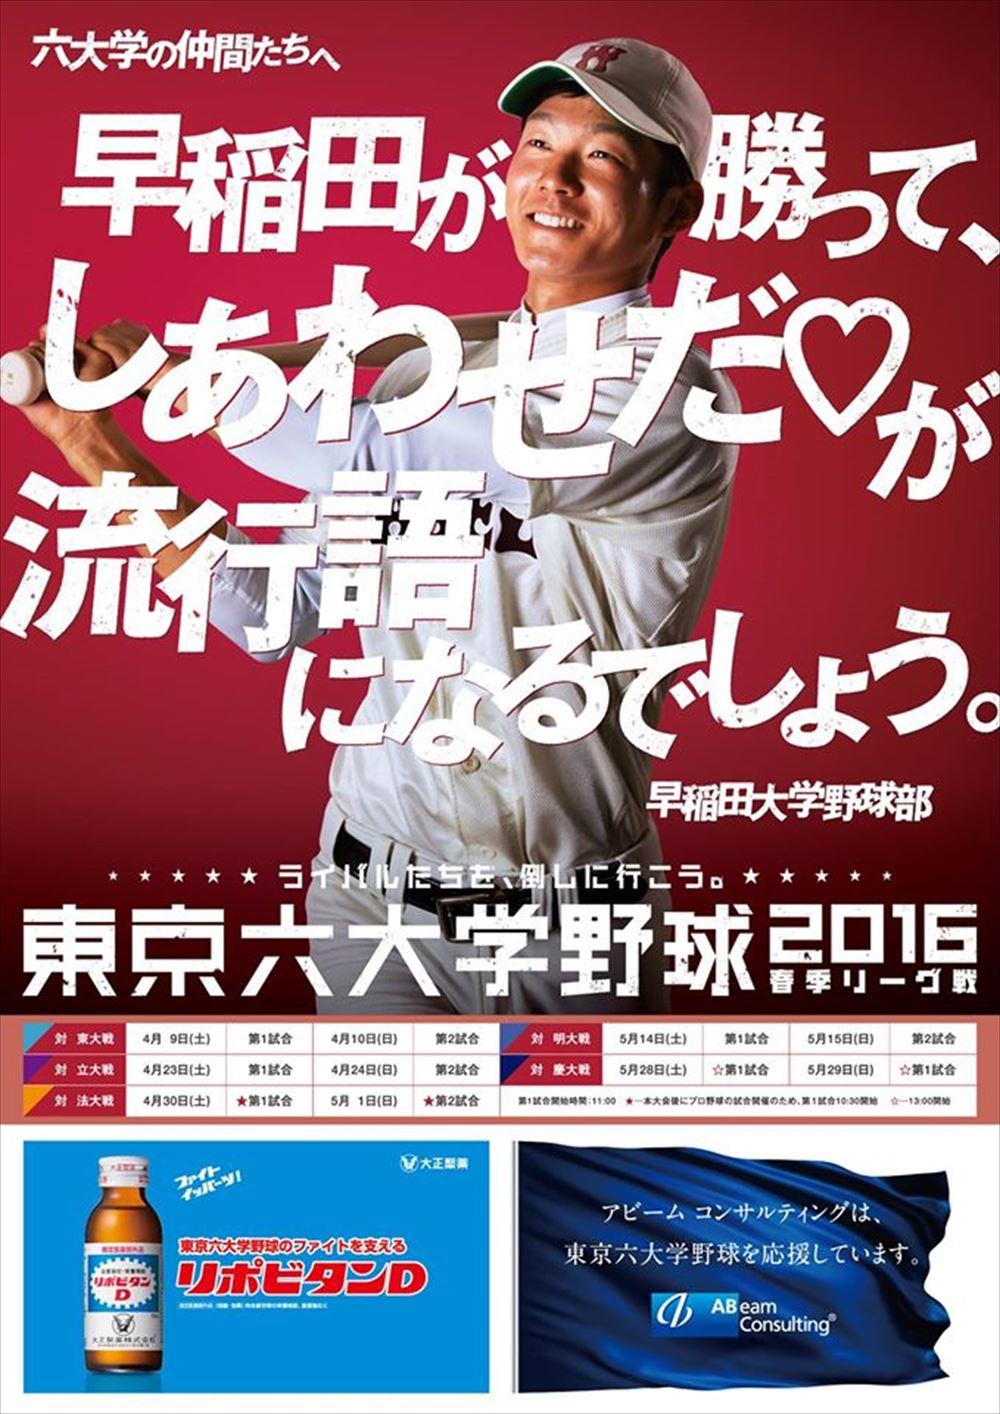 【2016年】東京六大学野球公式ポスターがヤバ …